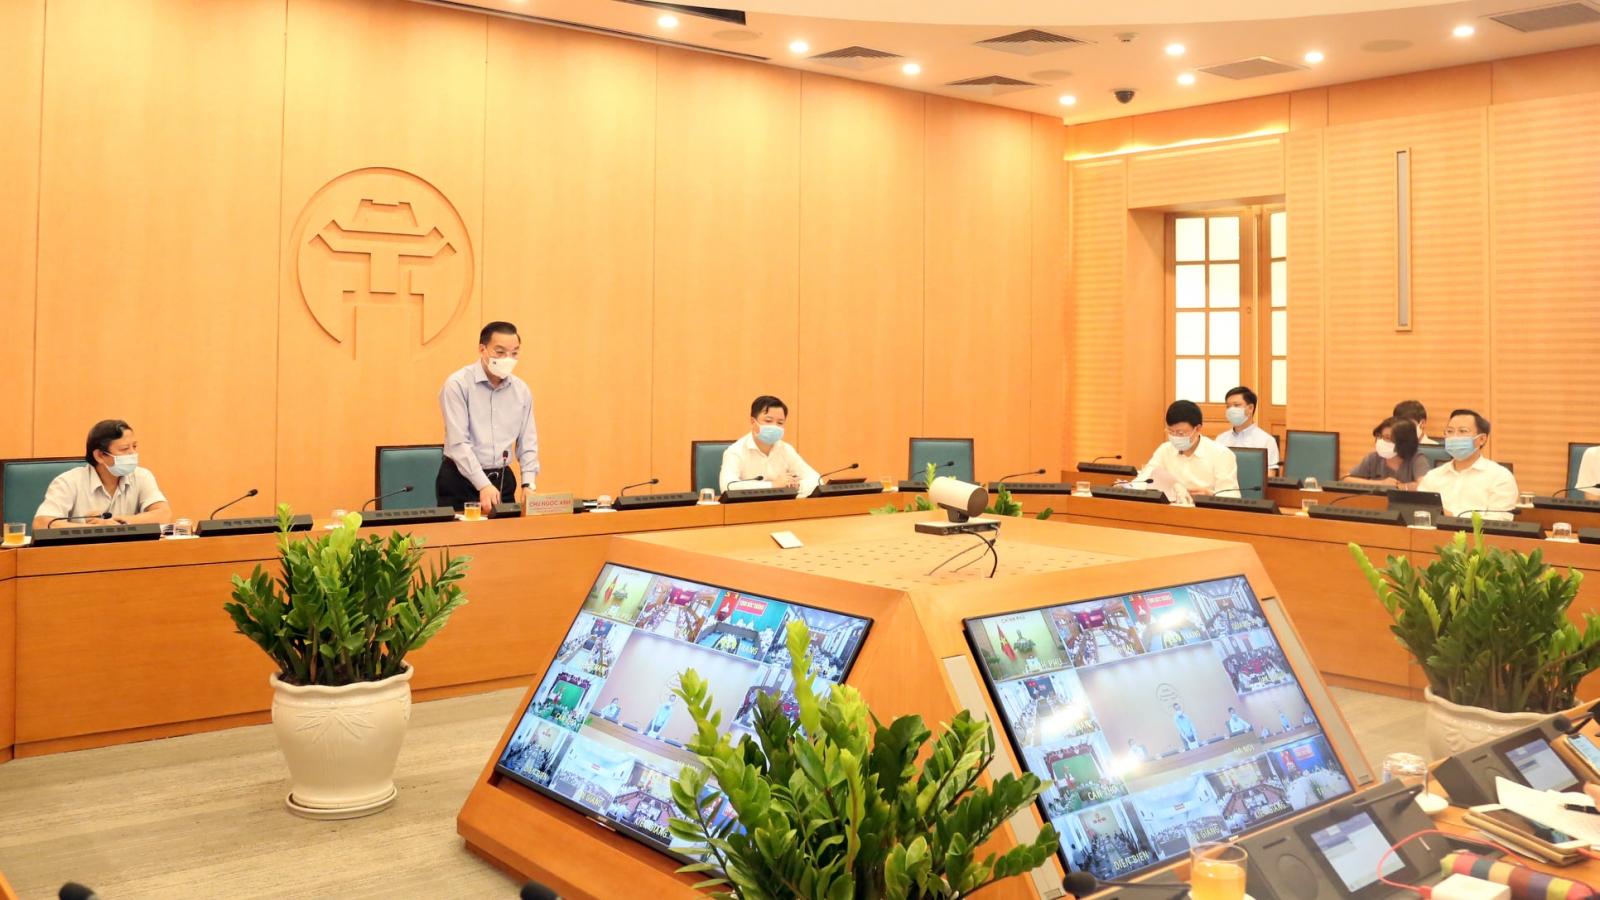 Hơn 5.000 trường hợp liên quan đến ổ dịch ở Bệnh viện K cơ sở Tân Triều